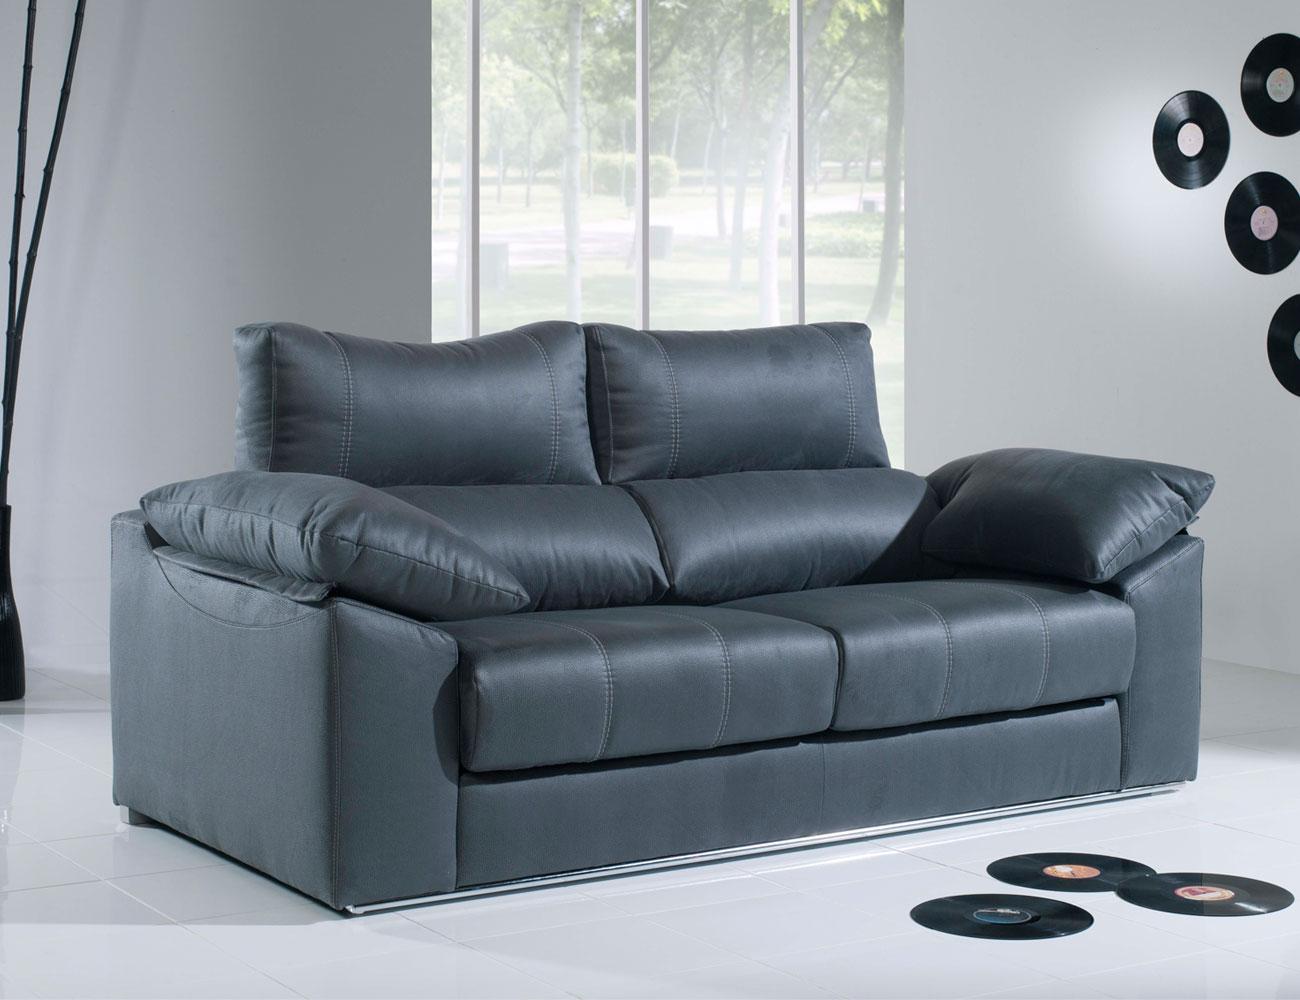 Sofa 3 plazas moderno con barra11